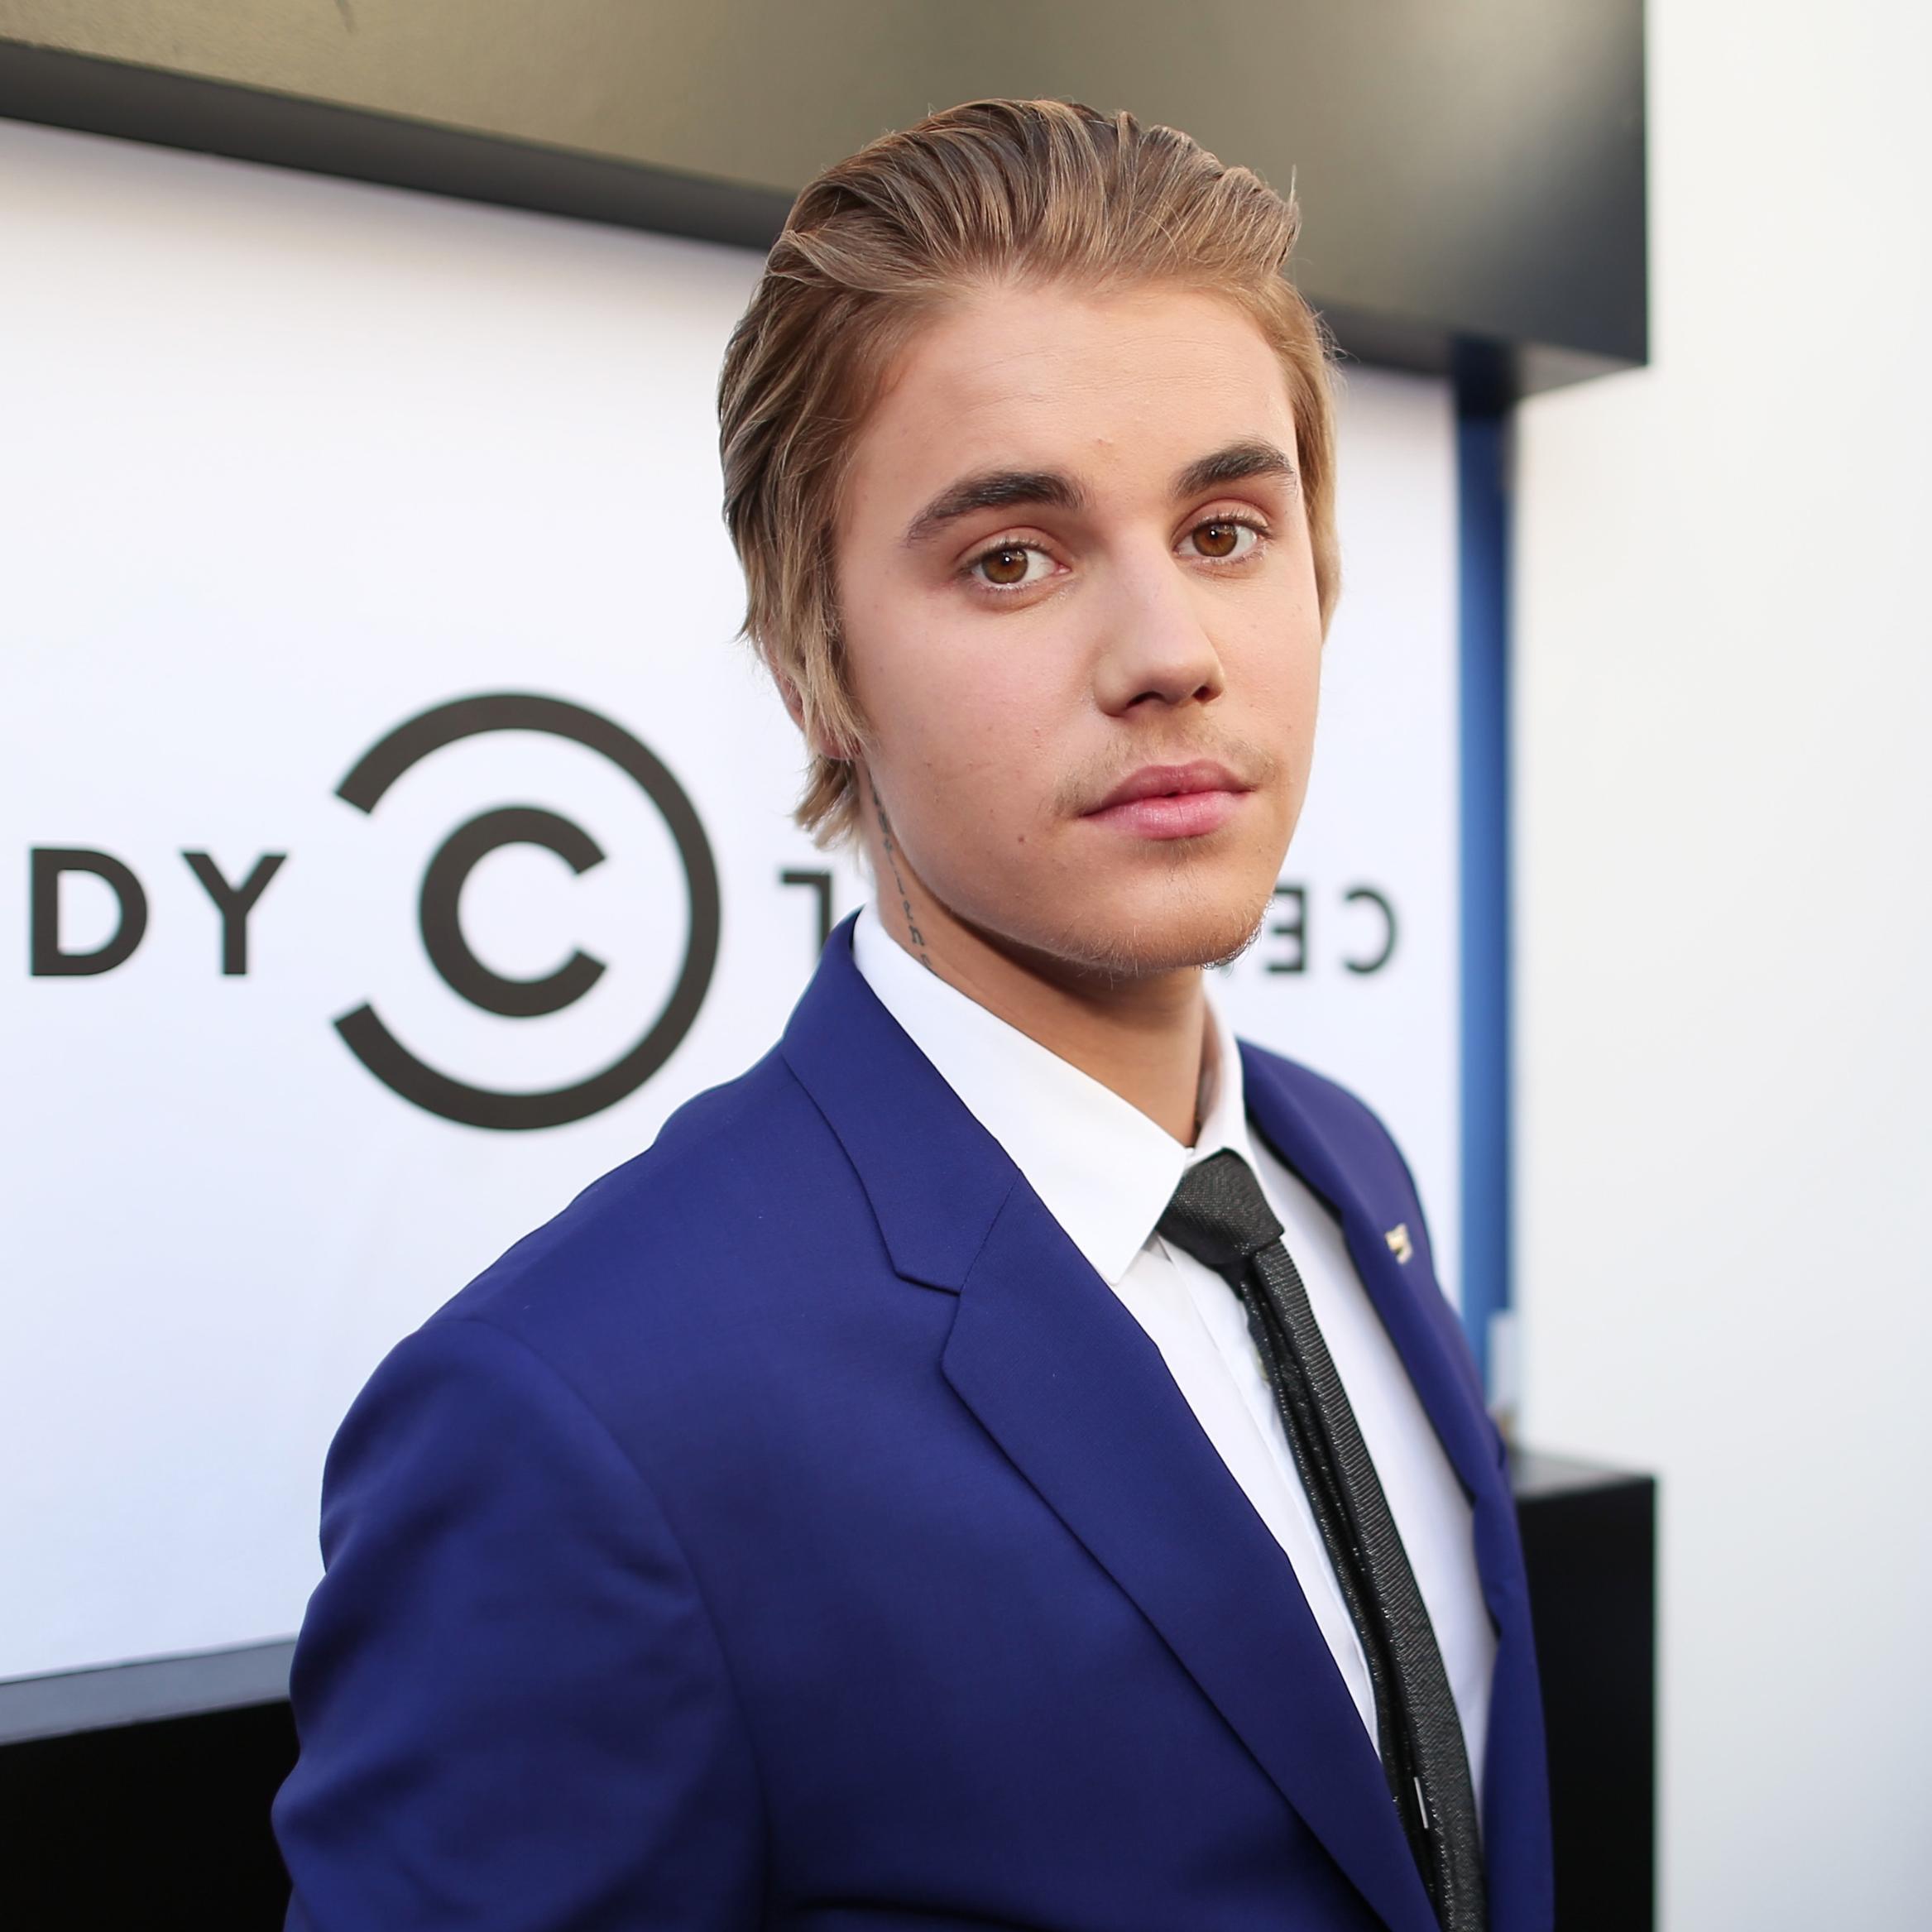 Singer Justin Bieber - age: 26